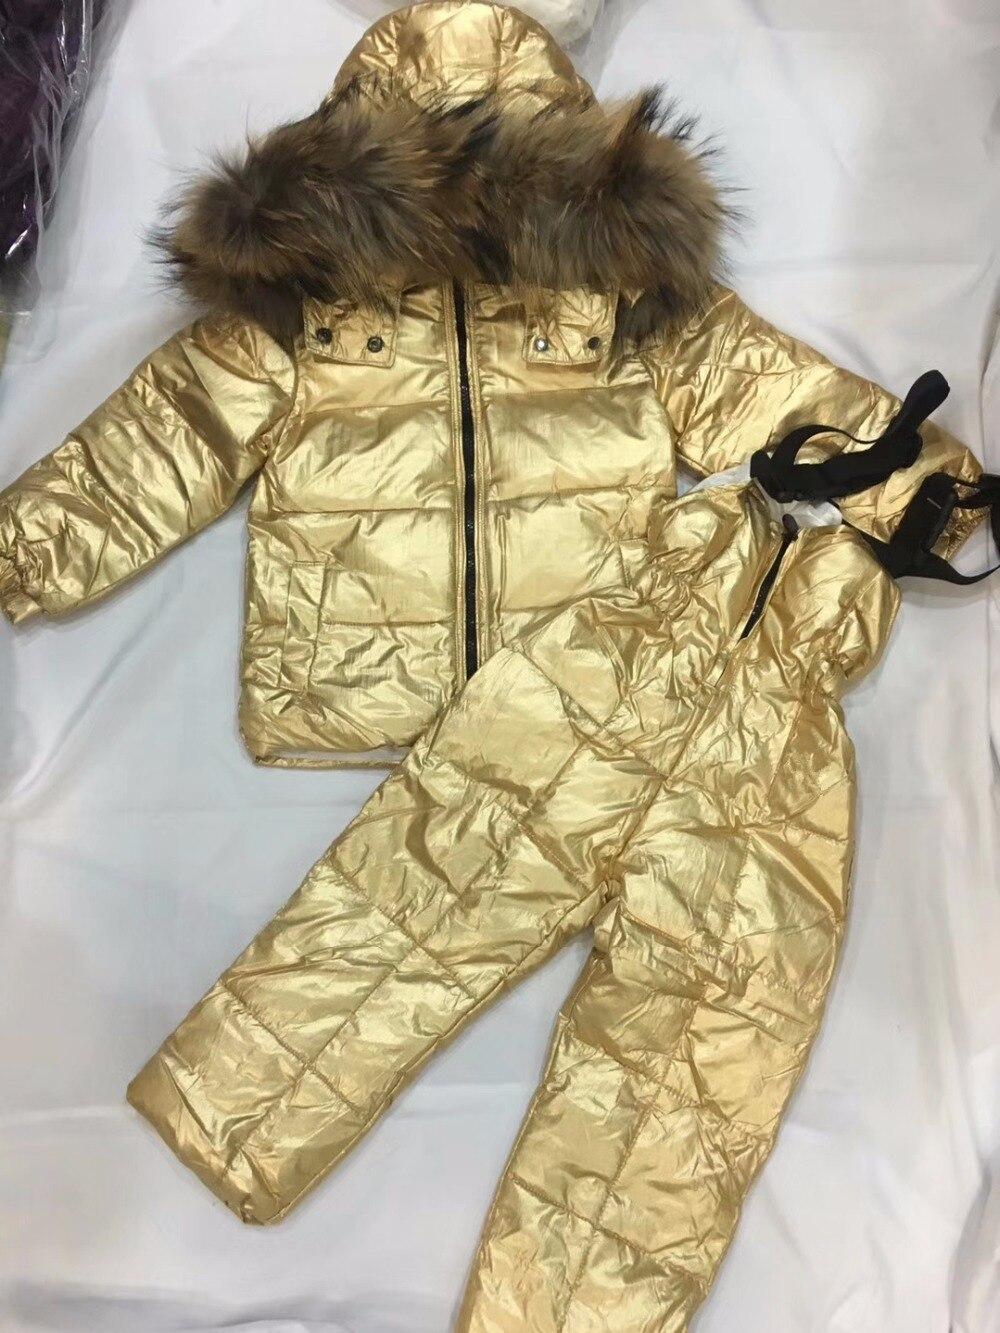 Русская зима одежда для малышей Комплект для маленьких утка вниз костюм мальчиков Костюмы детский спортивный костюм зимняя одежда для дете